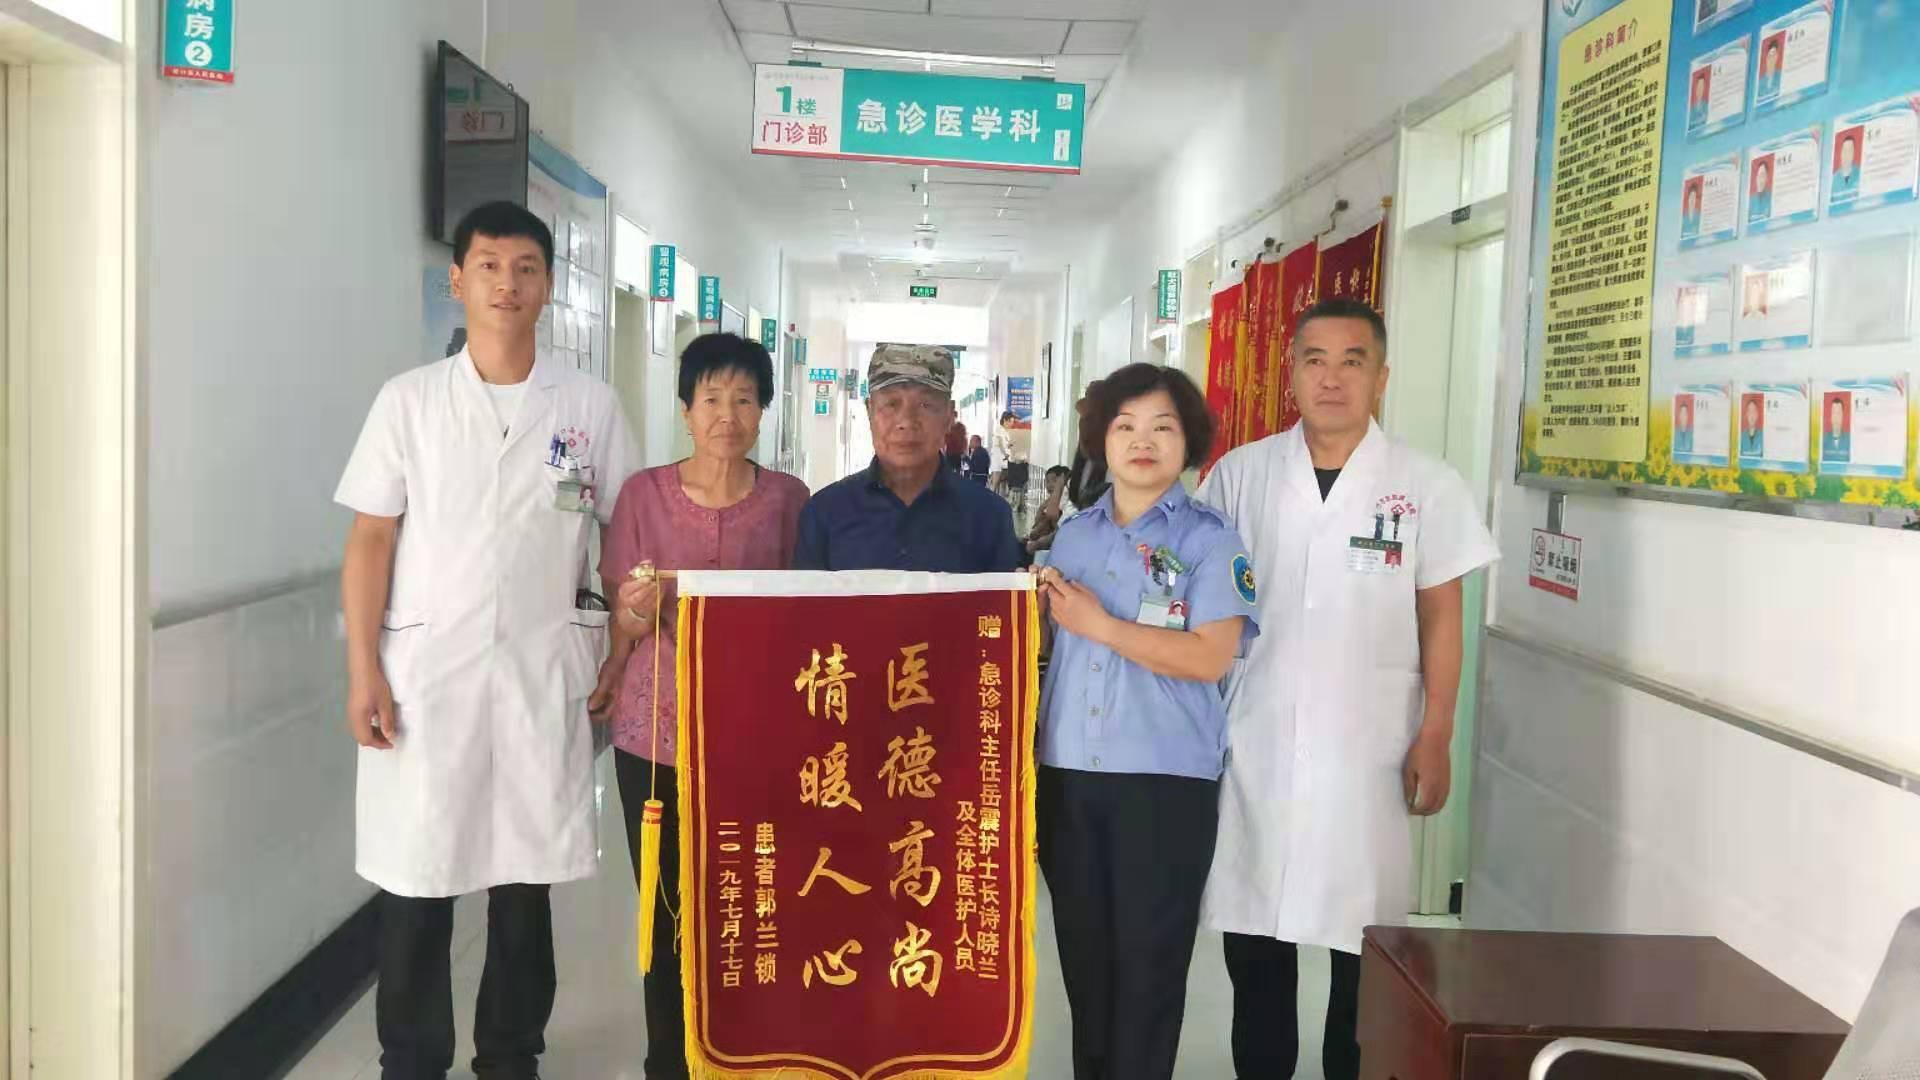 0703磴口县人民医院争分夺秒救人、精心治疗获赞.jpg